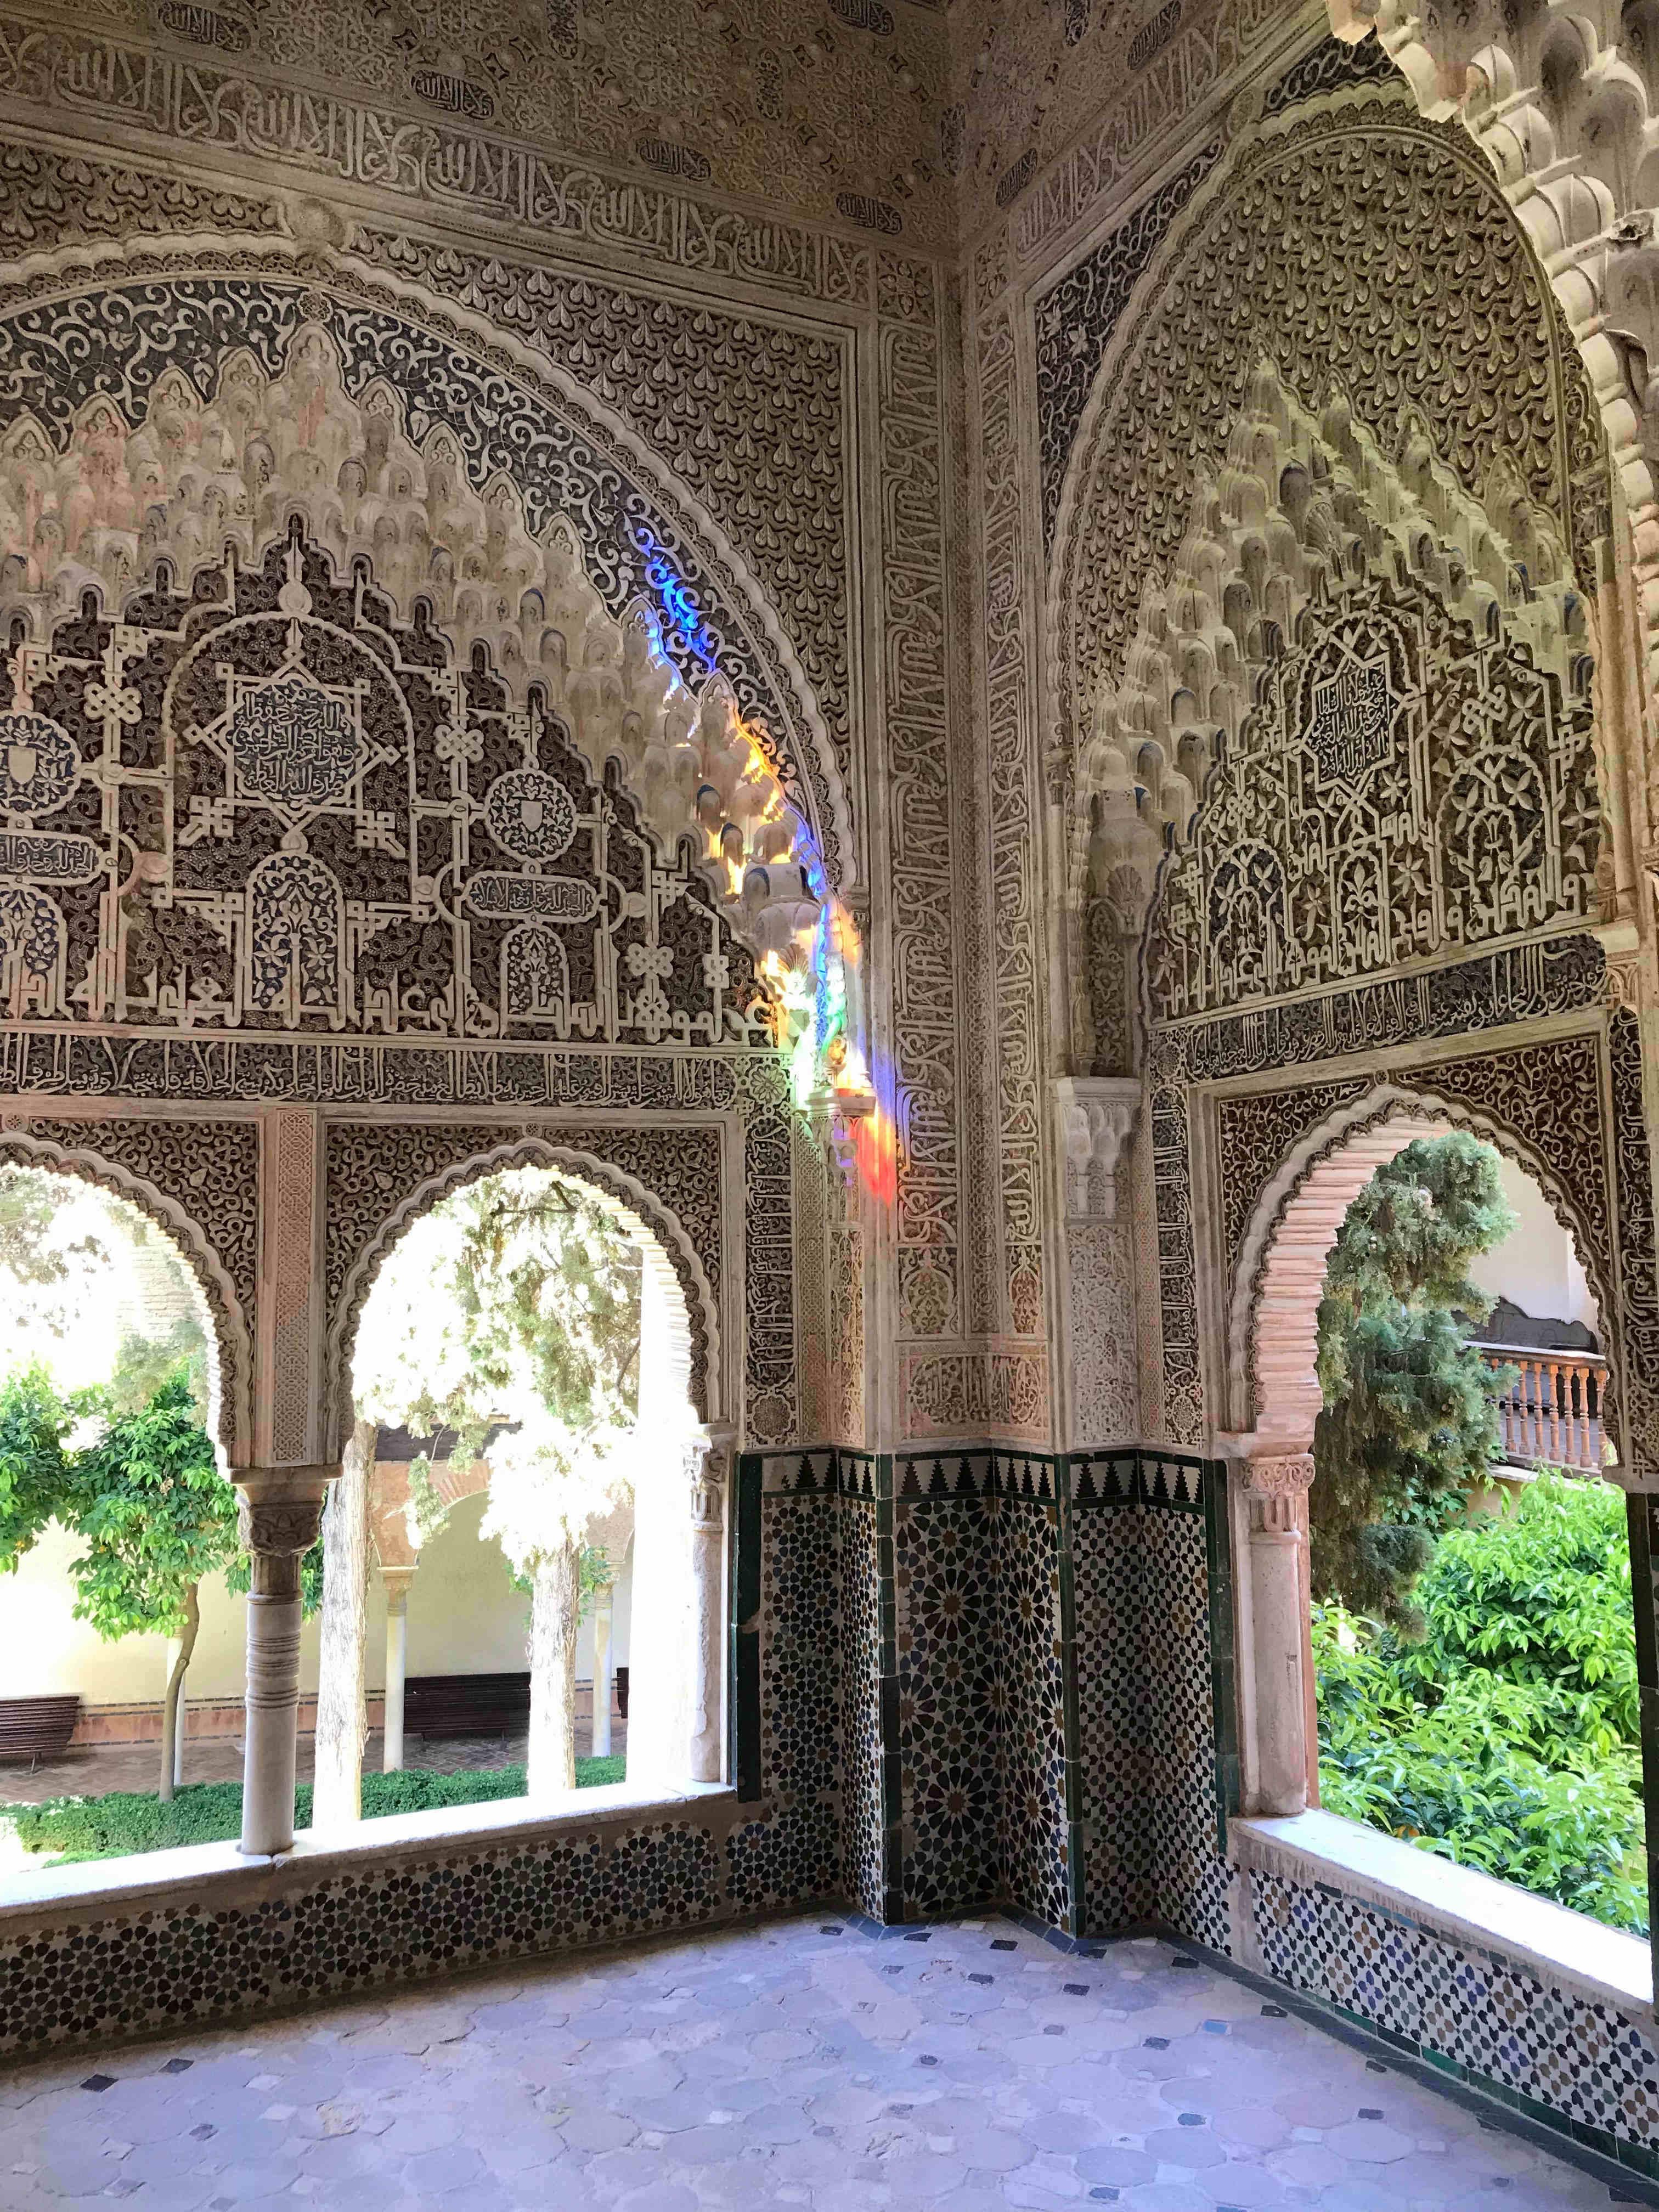 Decoración interna de los palacios de la Alhambra con yesos, estuco, azulejos y cristales de colores